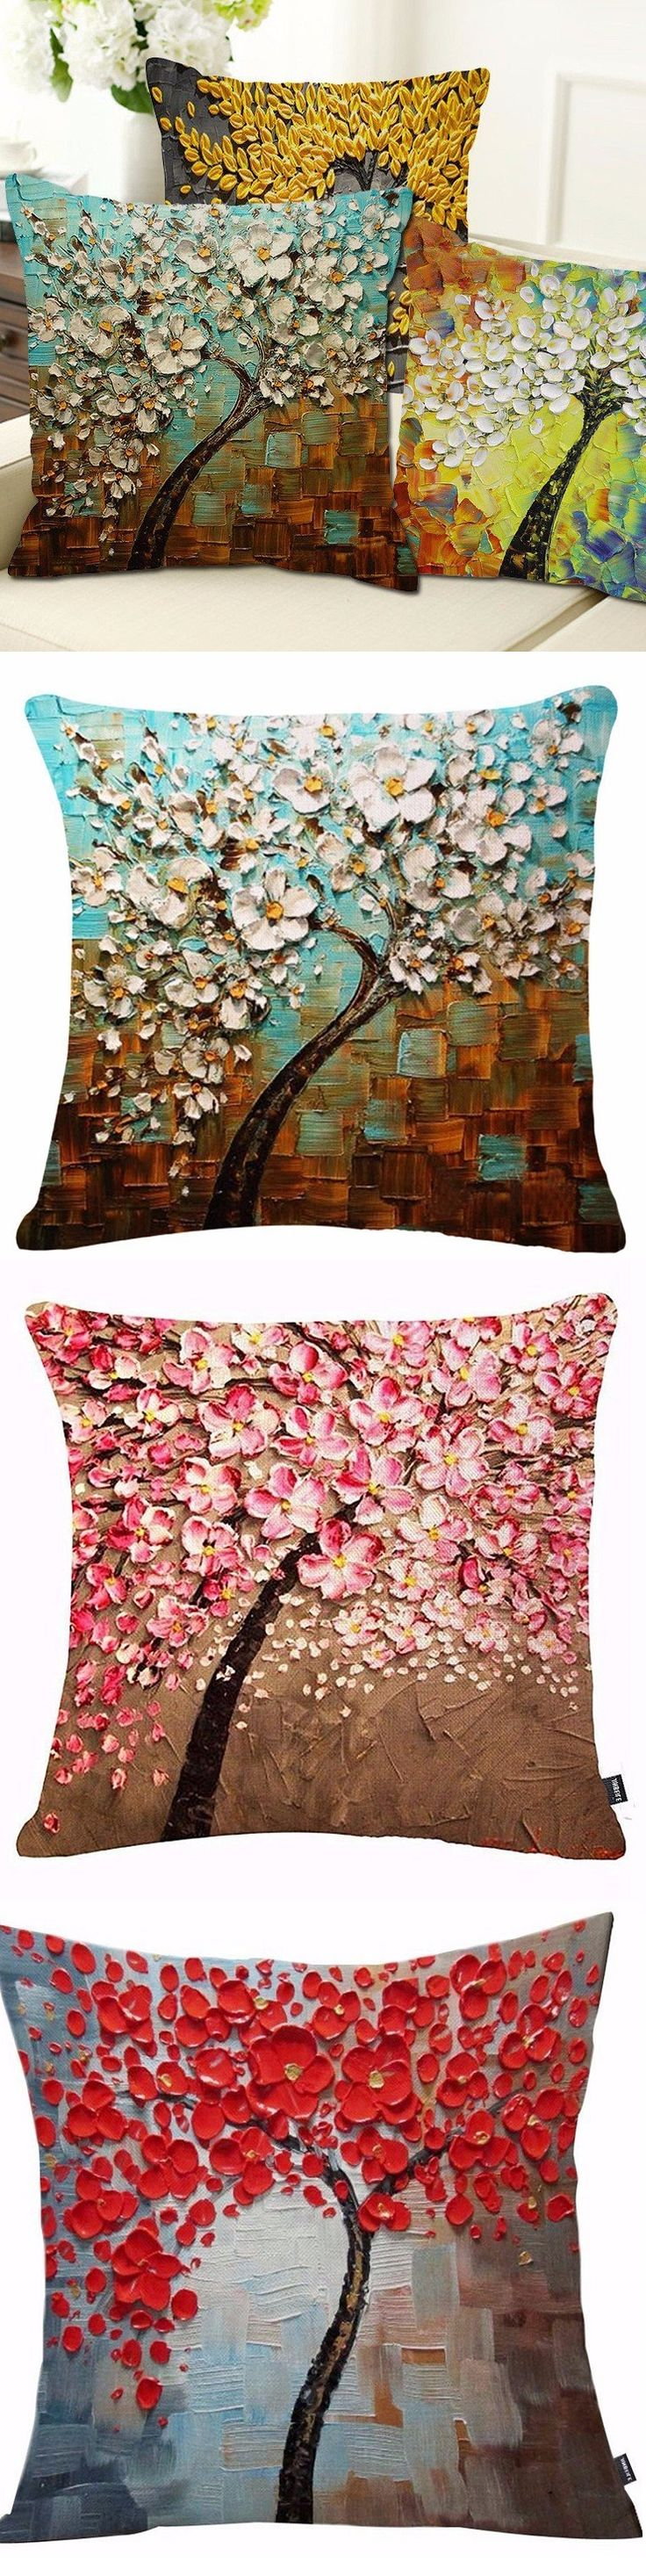 US$4.29 20 Styles 3D Vintage Flower Cotton Linen Pillow Case Waist Cushion Cover Bags Home Car Deco